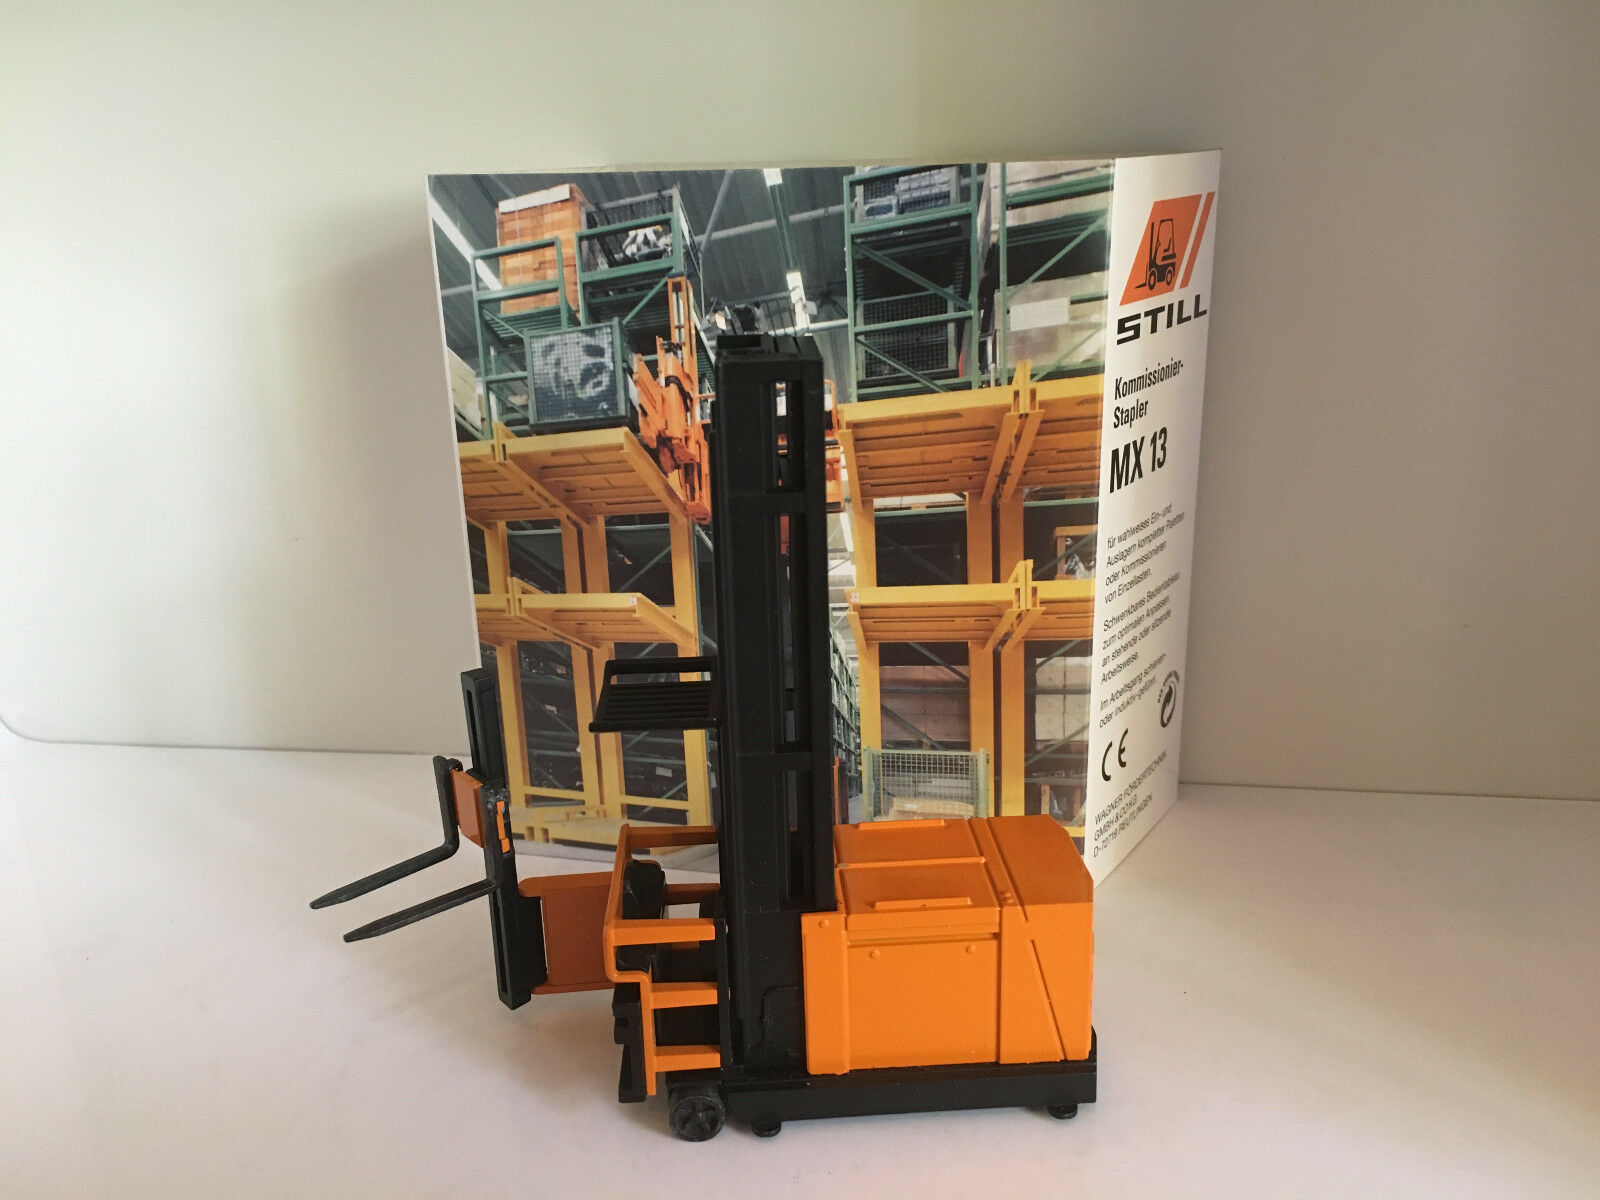 Still MX 13 Gabelstapler von NZG 3281 1 35 OVP  | Qualitätsprodukte